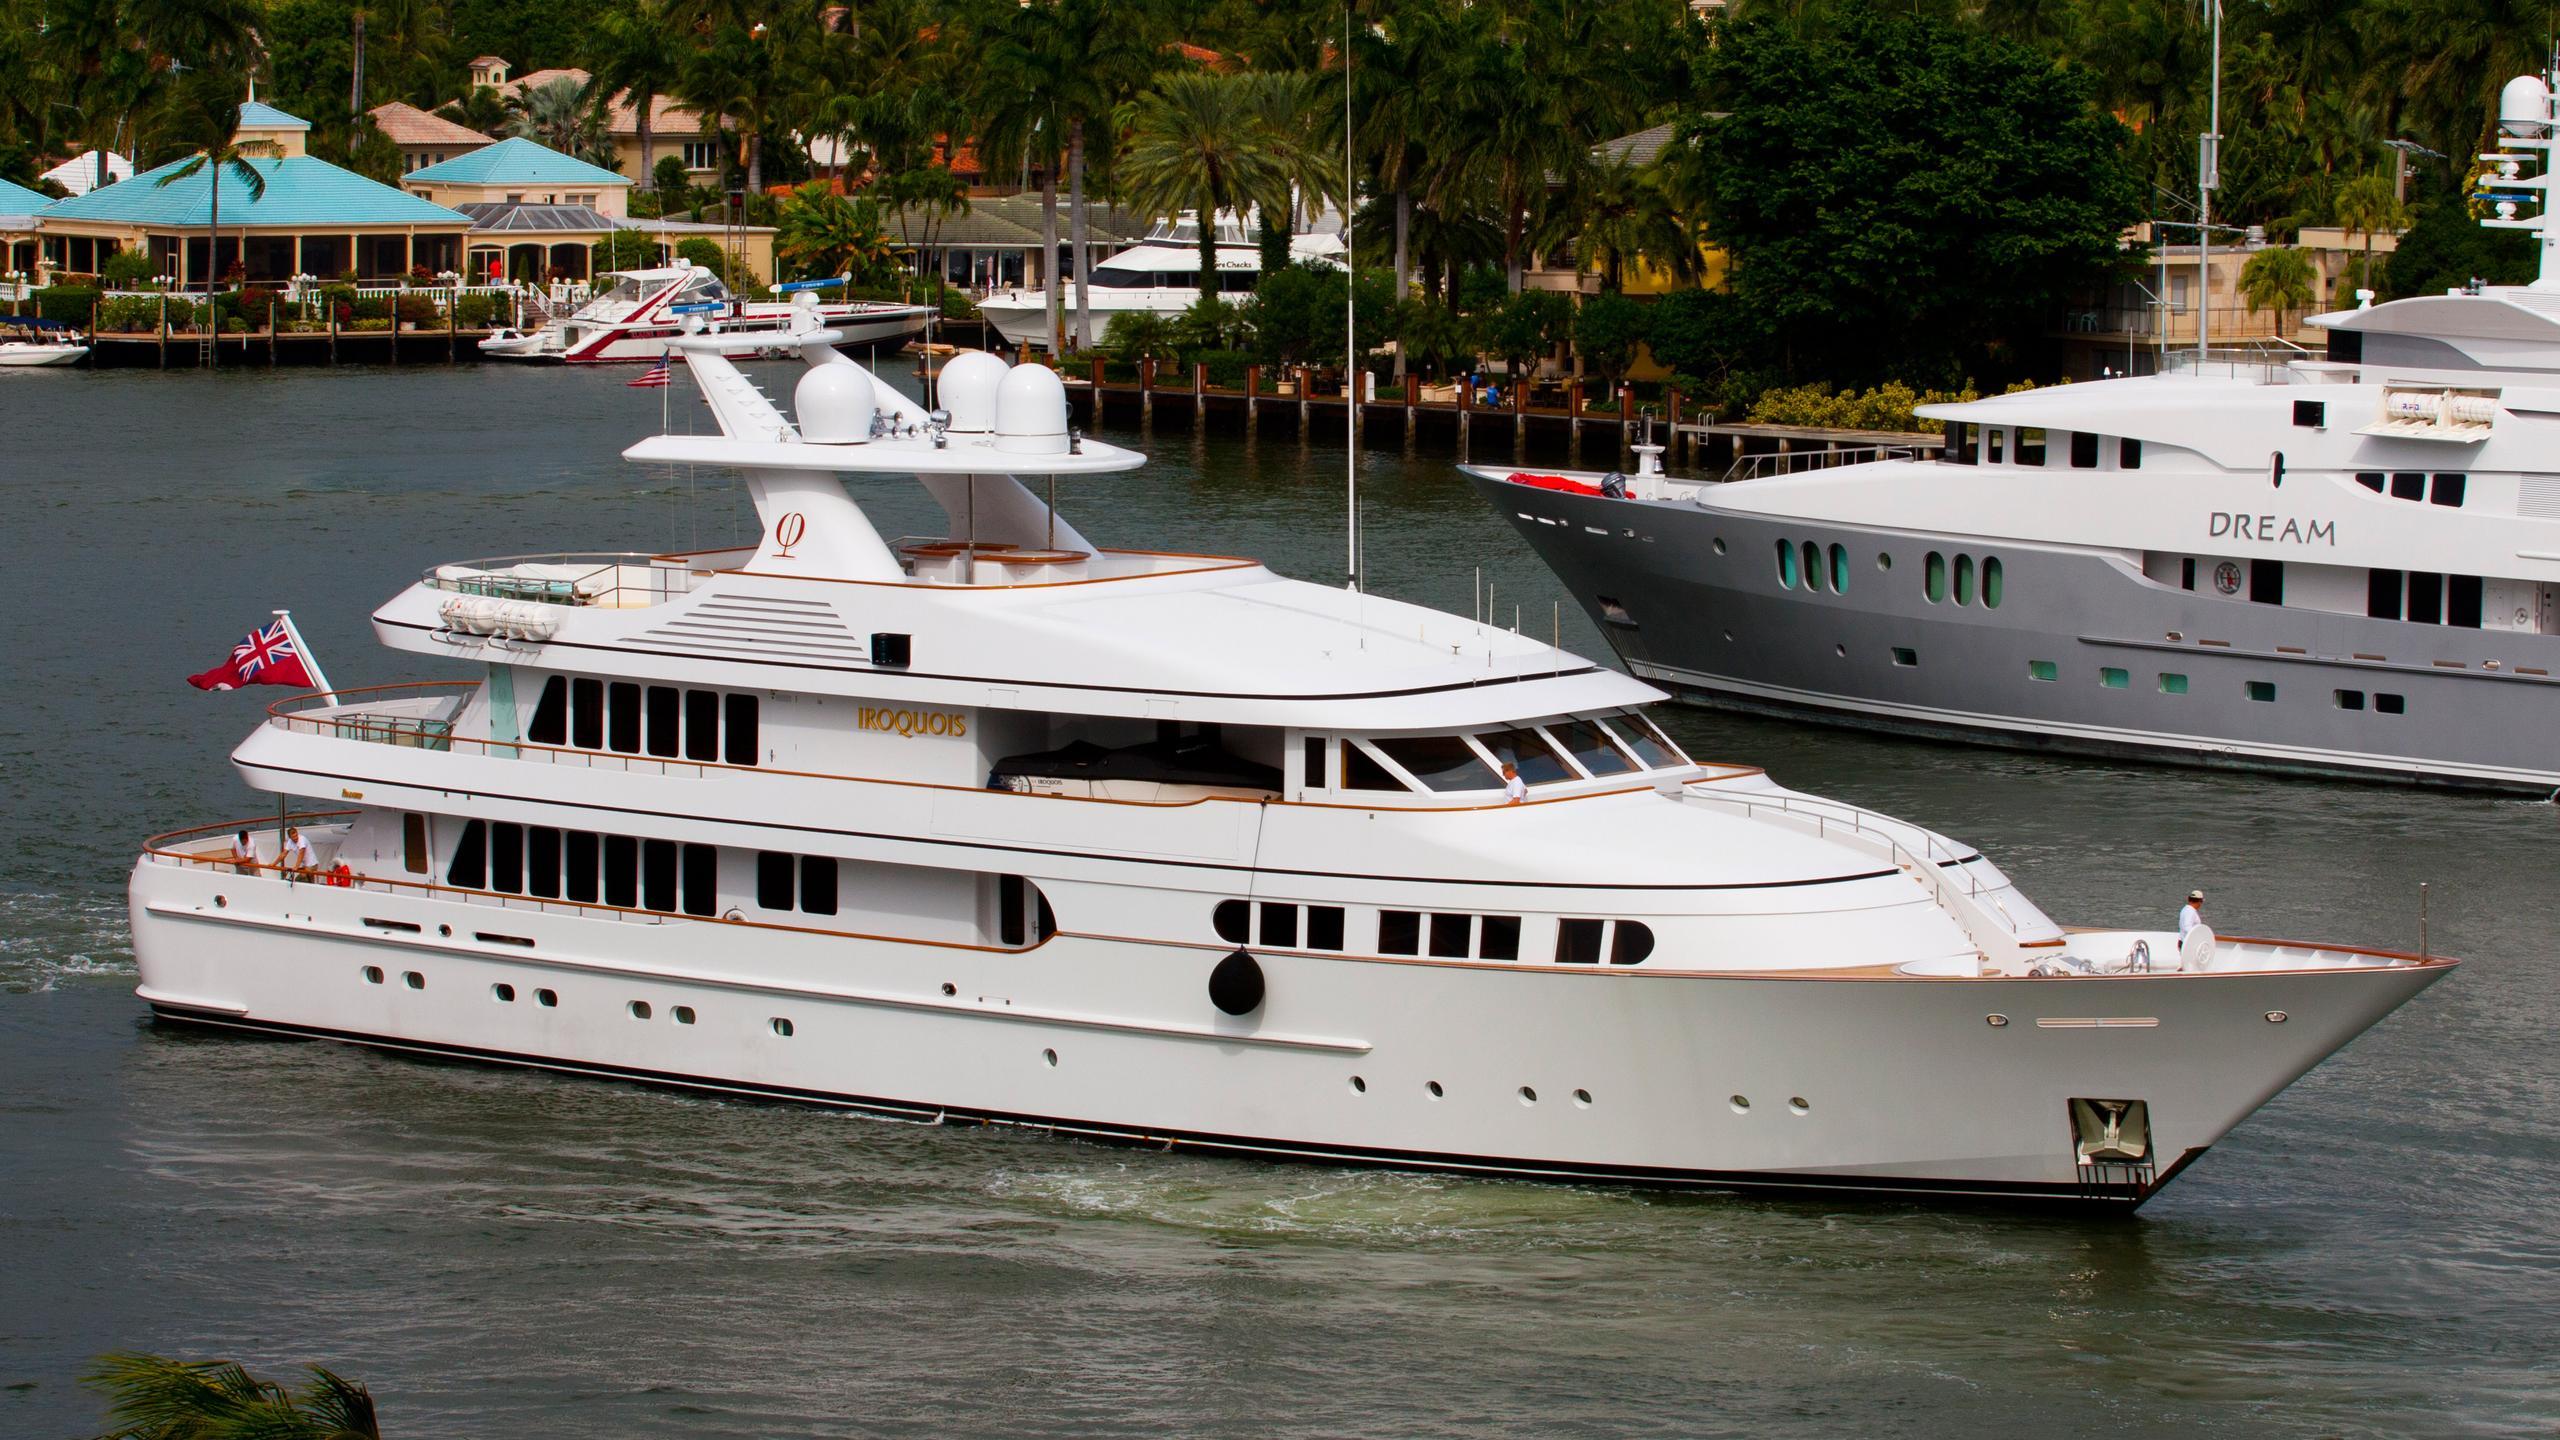 herculina-motor-yacht-feadship-1998-50m-half-profile